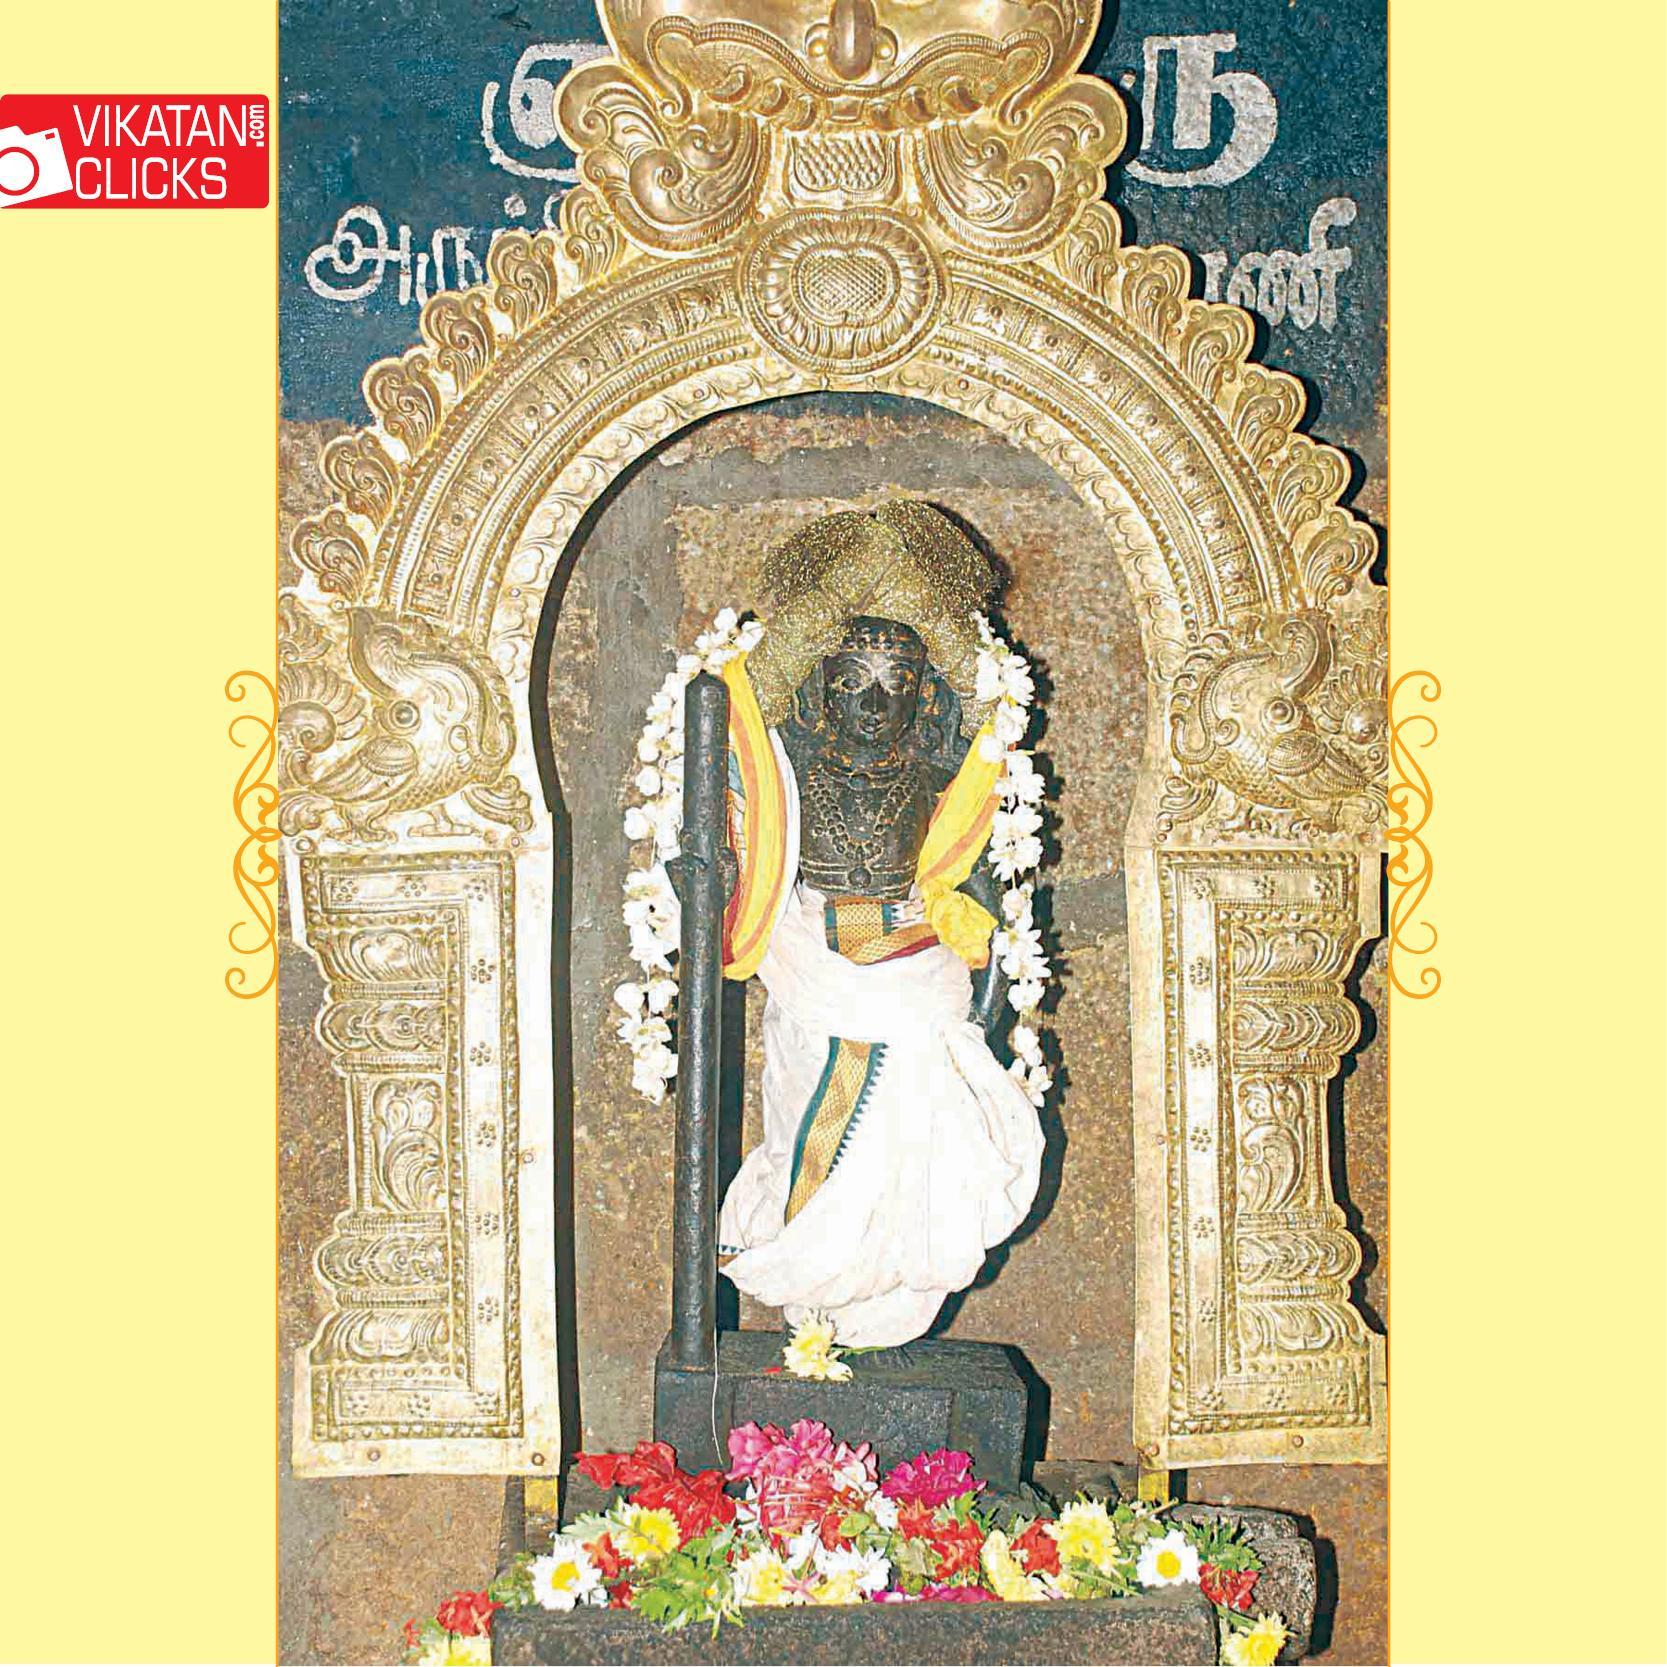 ஸ்ரீதட்சிணாமூர்த்தி சந்நிதி